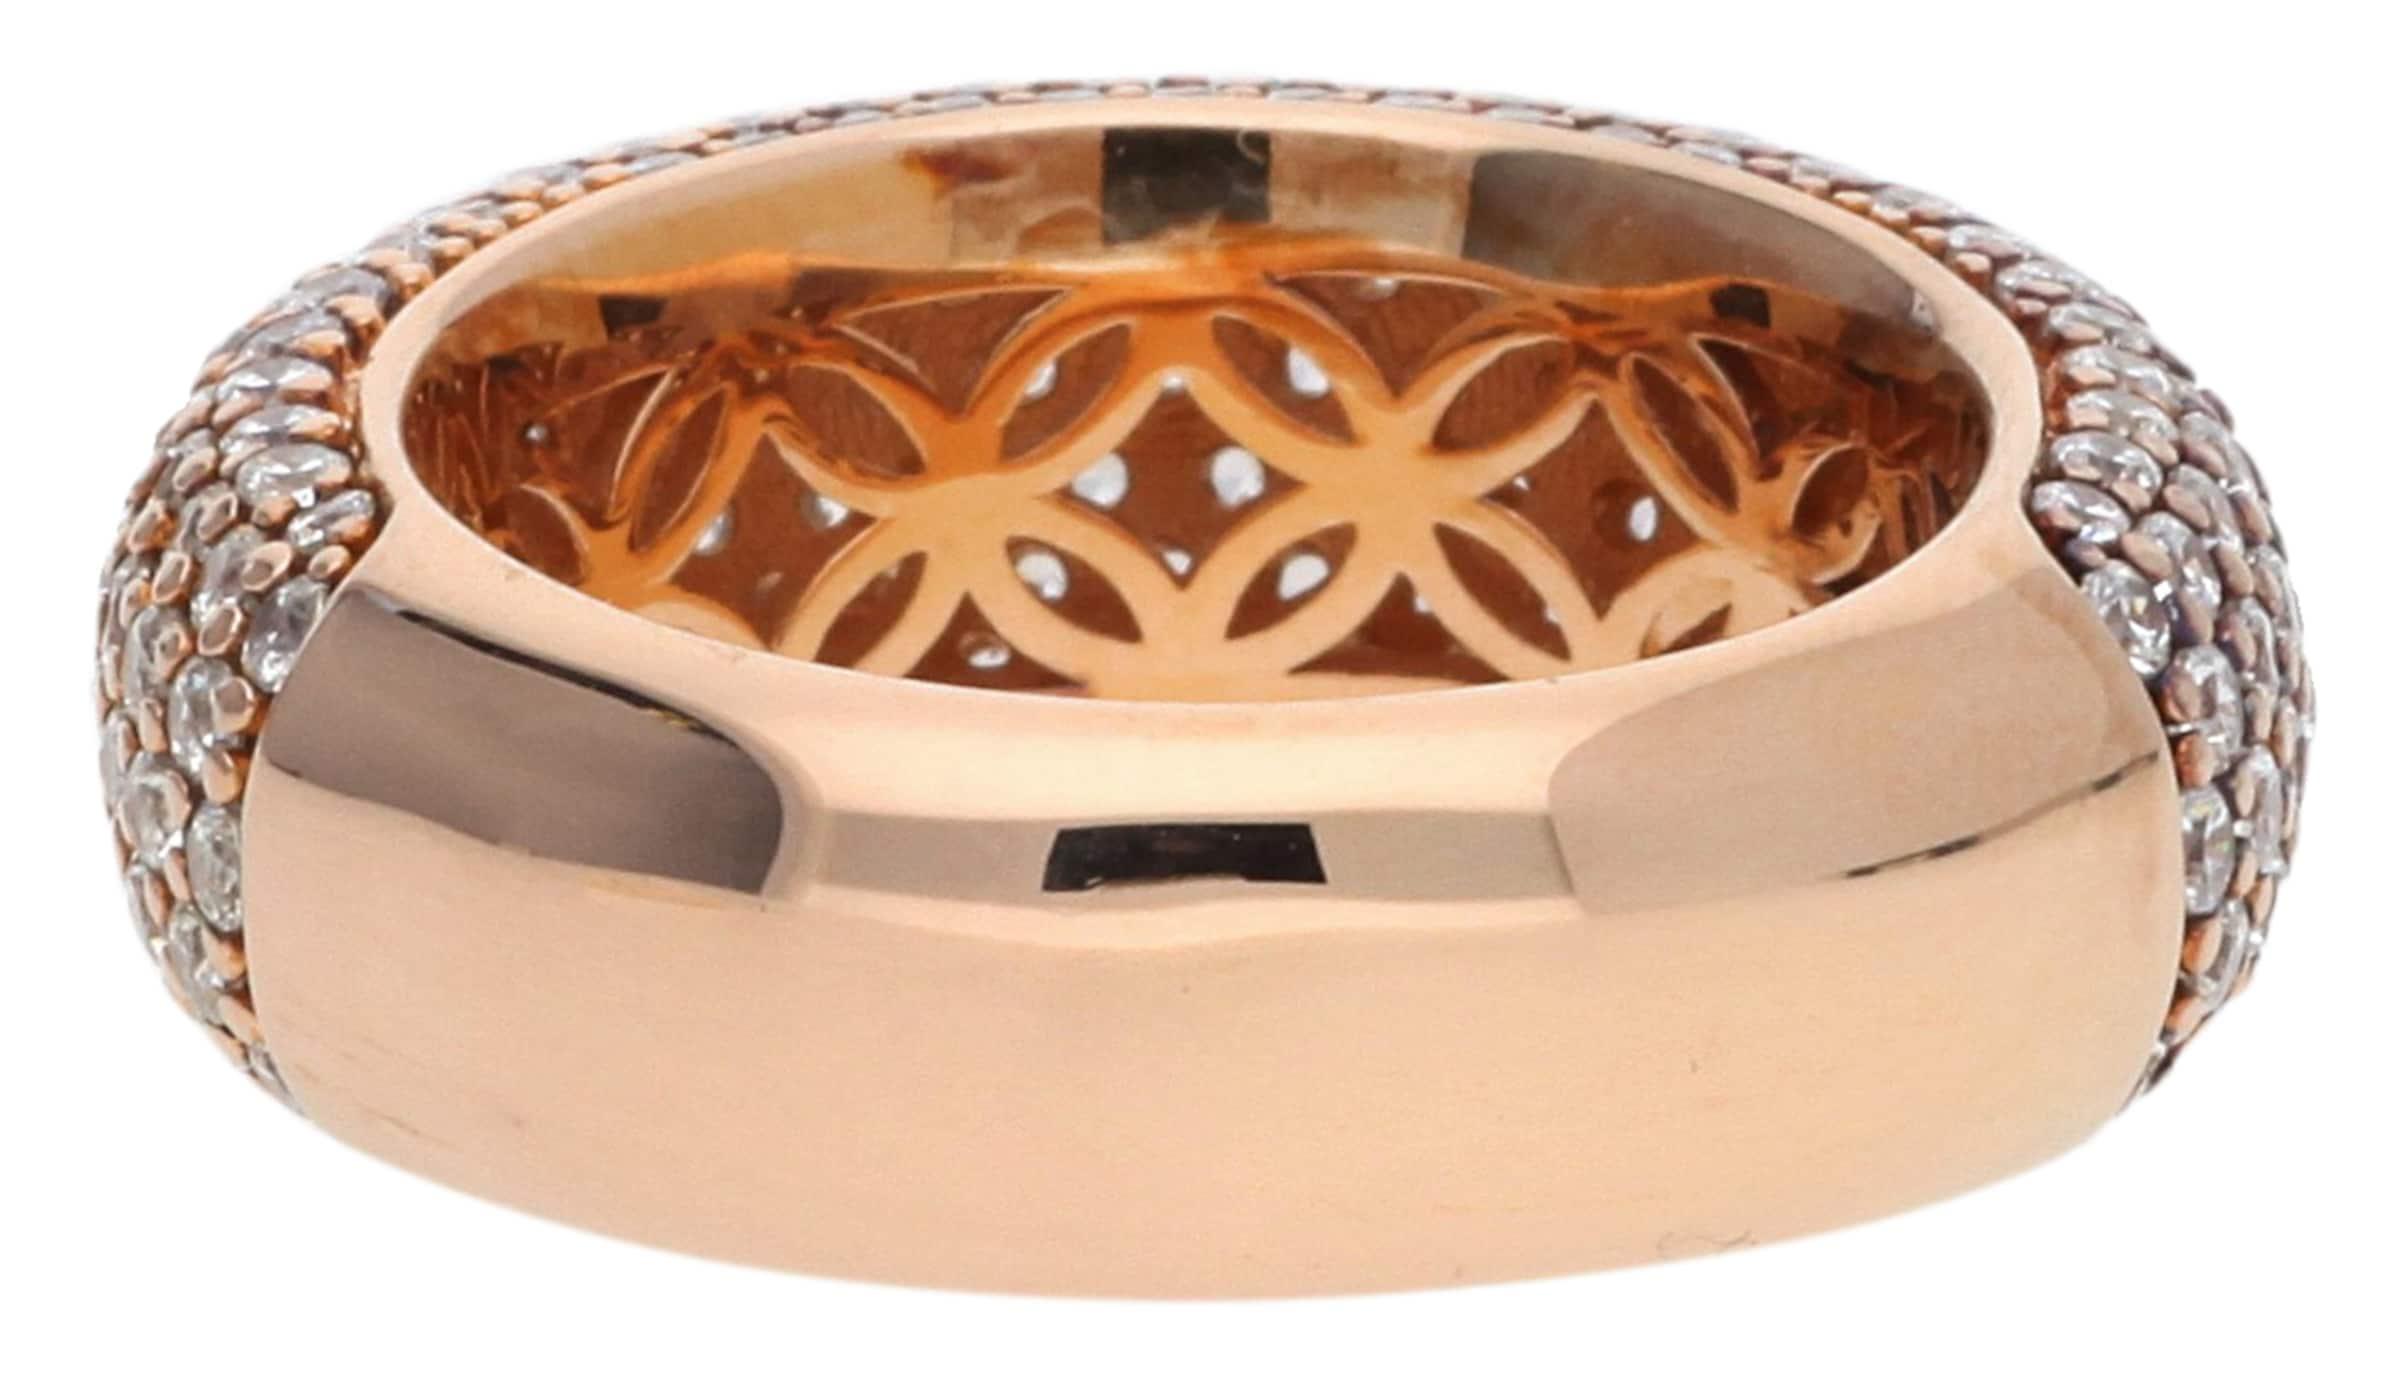 Billig Verkauf Perfekt ESPRIT Fingerring Periteau mit Zirkonia-Steinbesatz ELRG91877B Gut Verkaufen Online Neue Online Erscheinungsdaten Authentisch Alle Jahreszeiten Verfügbar L25HVZ